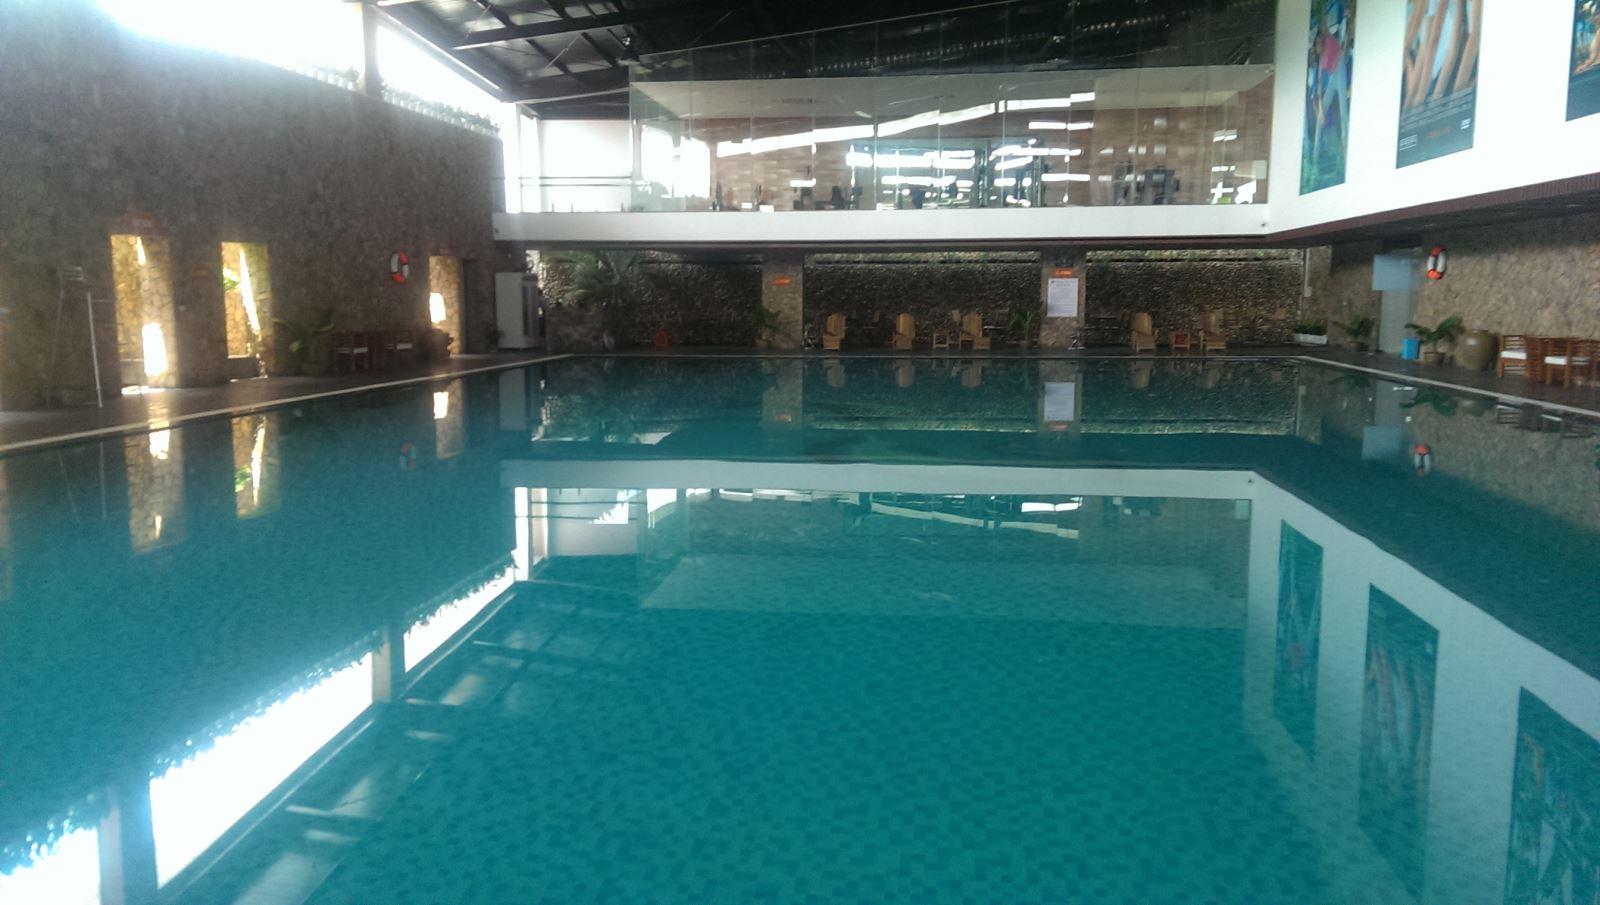 Xây dựng bể bơi trong nhà- nét kiến trúc thông minh tinh tế